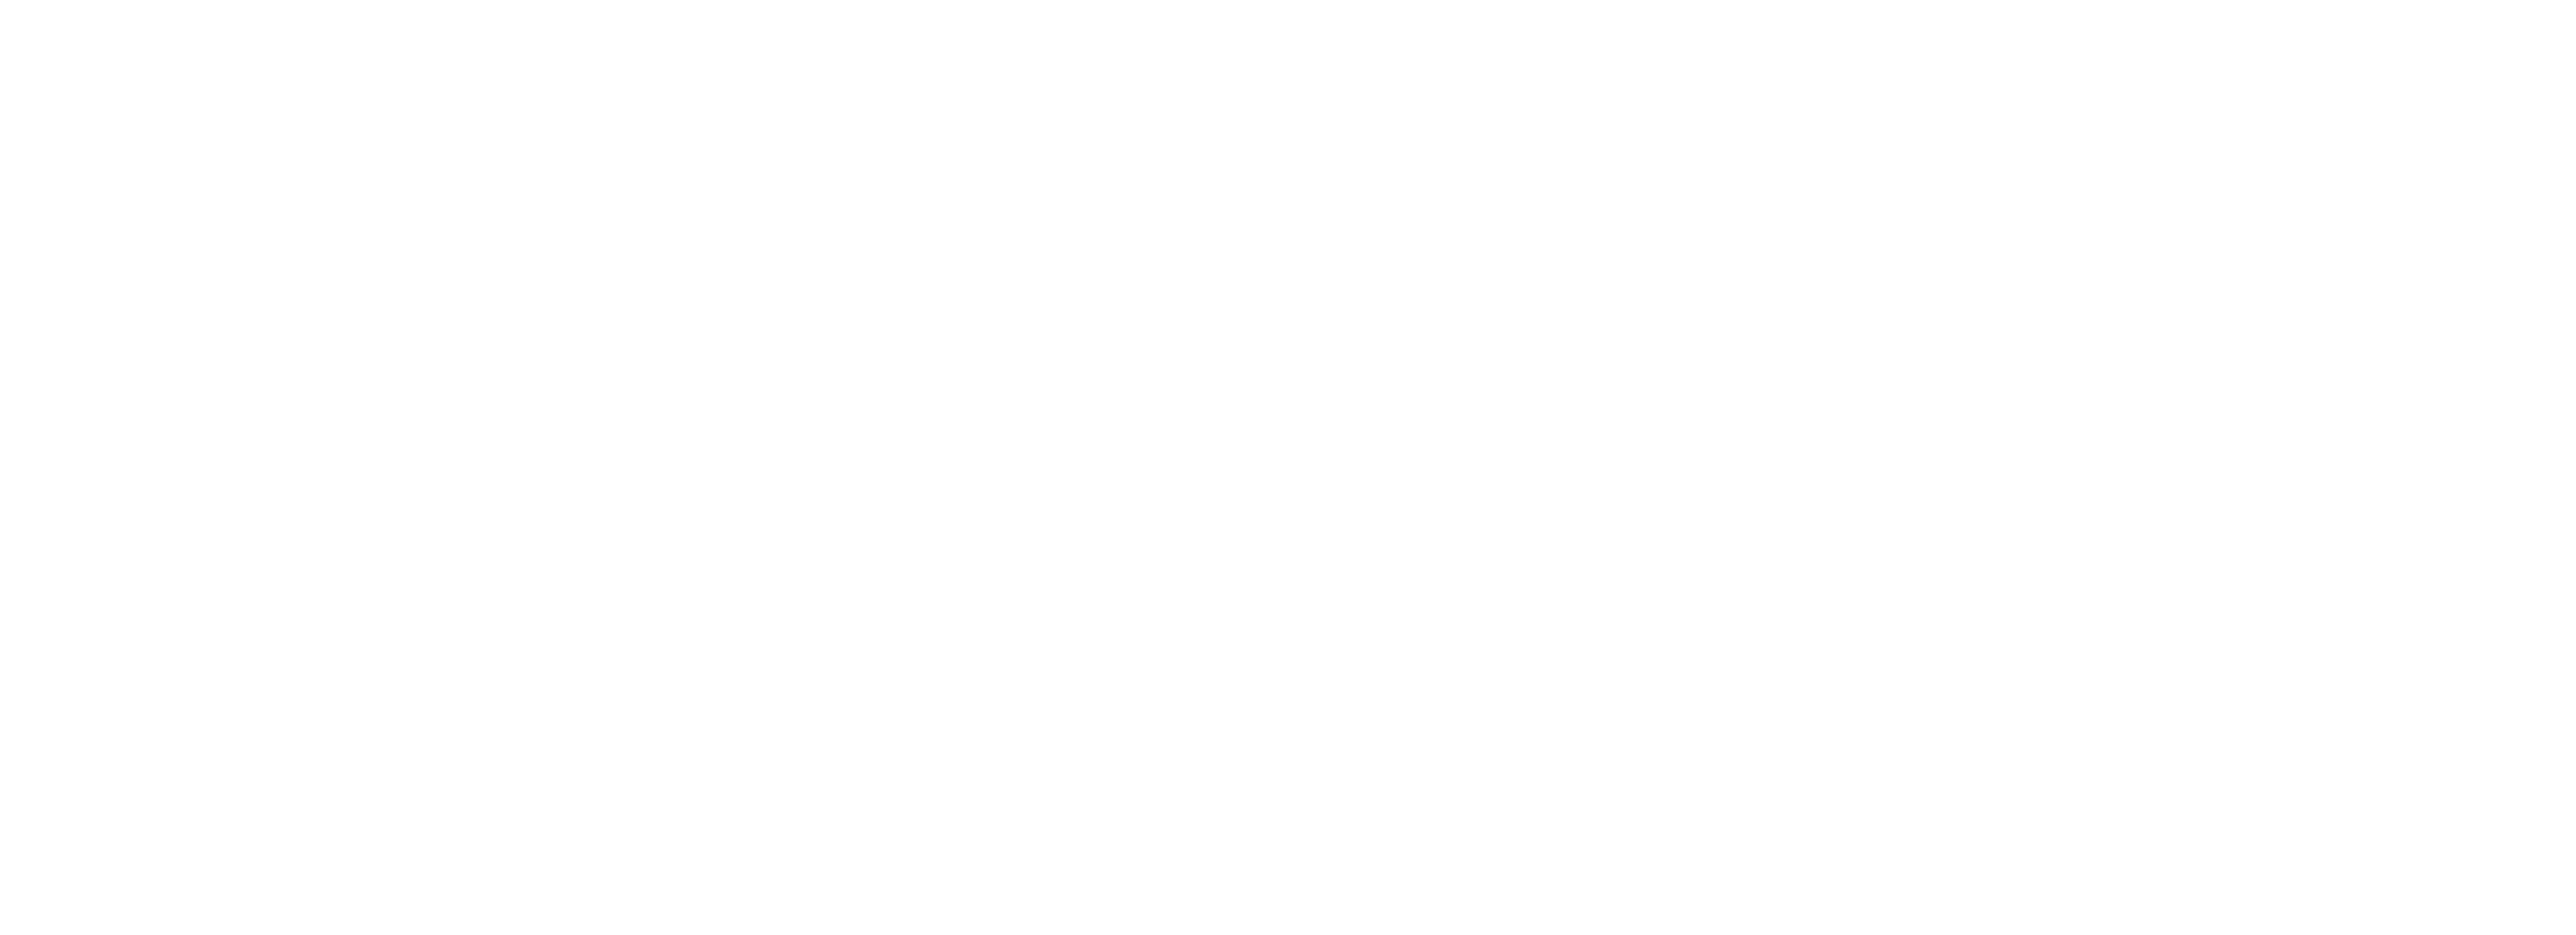 Logo Ouverture audiovisuel blc